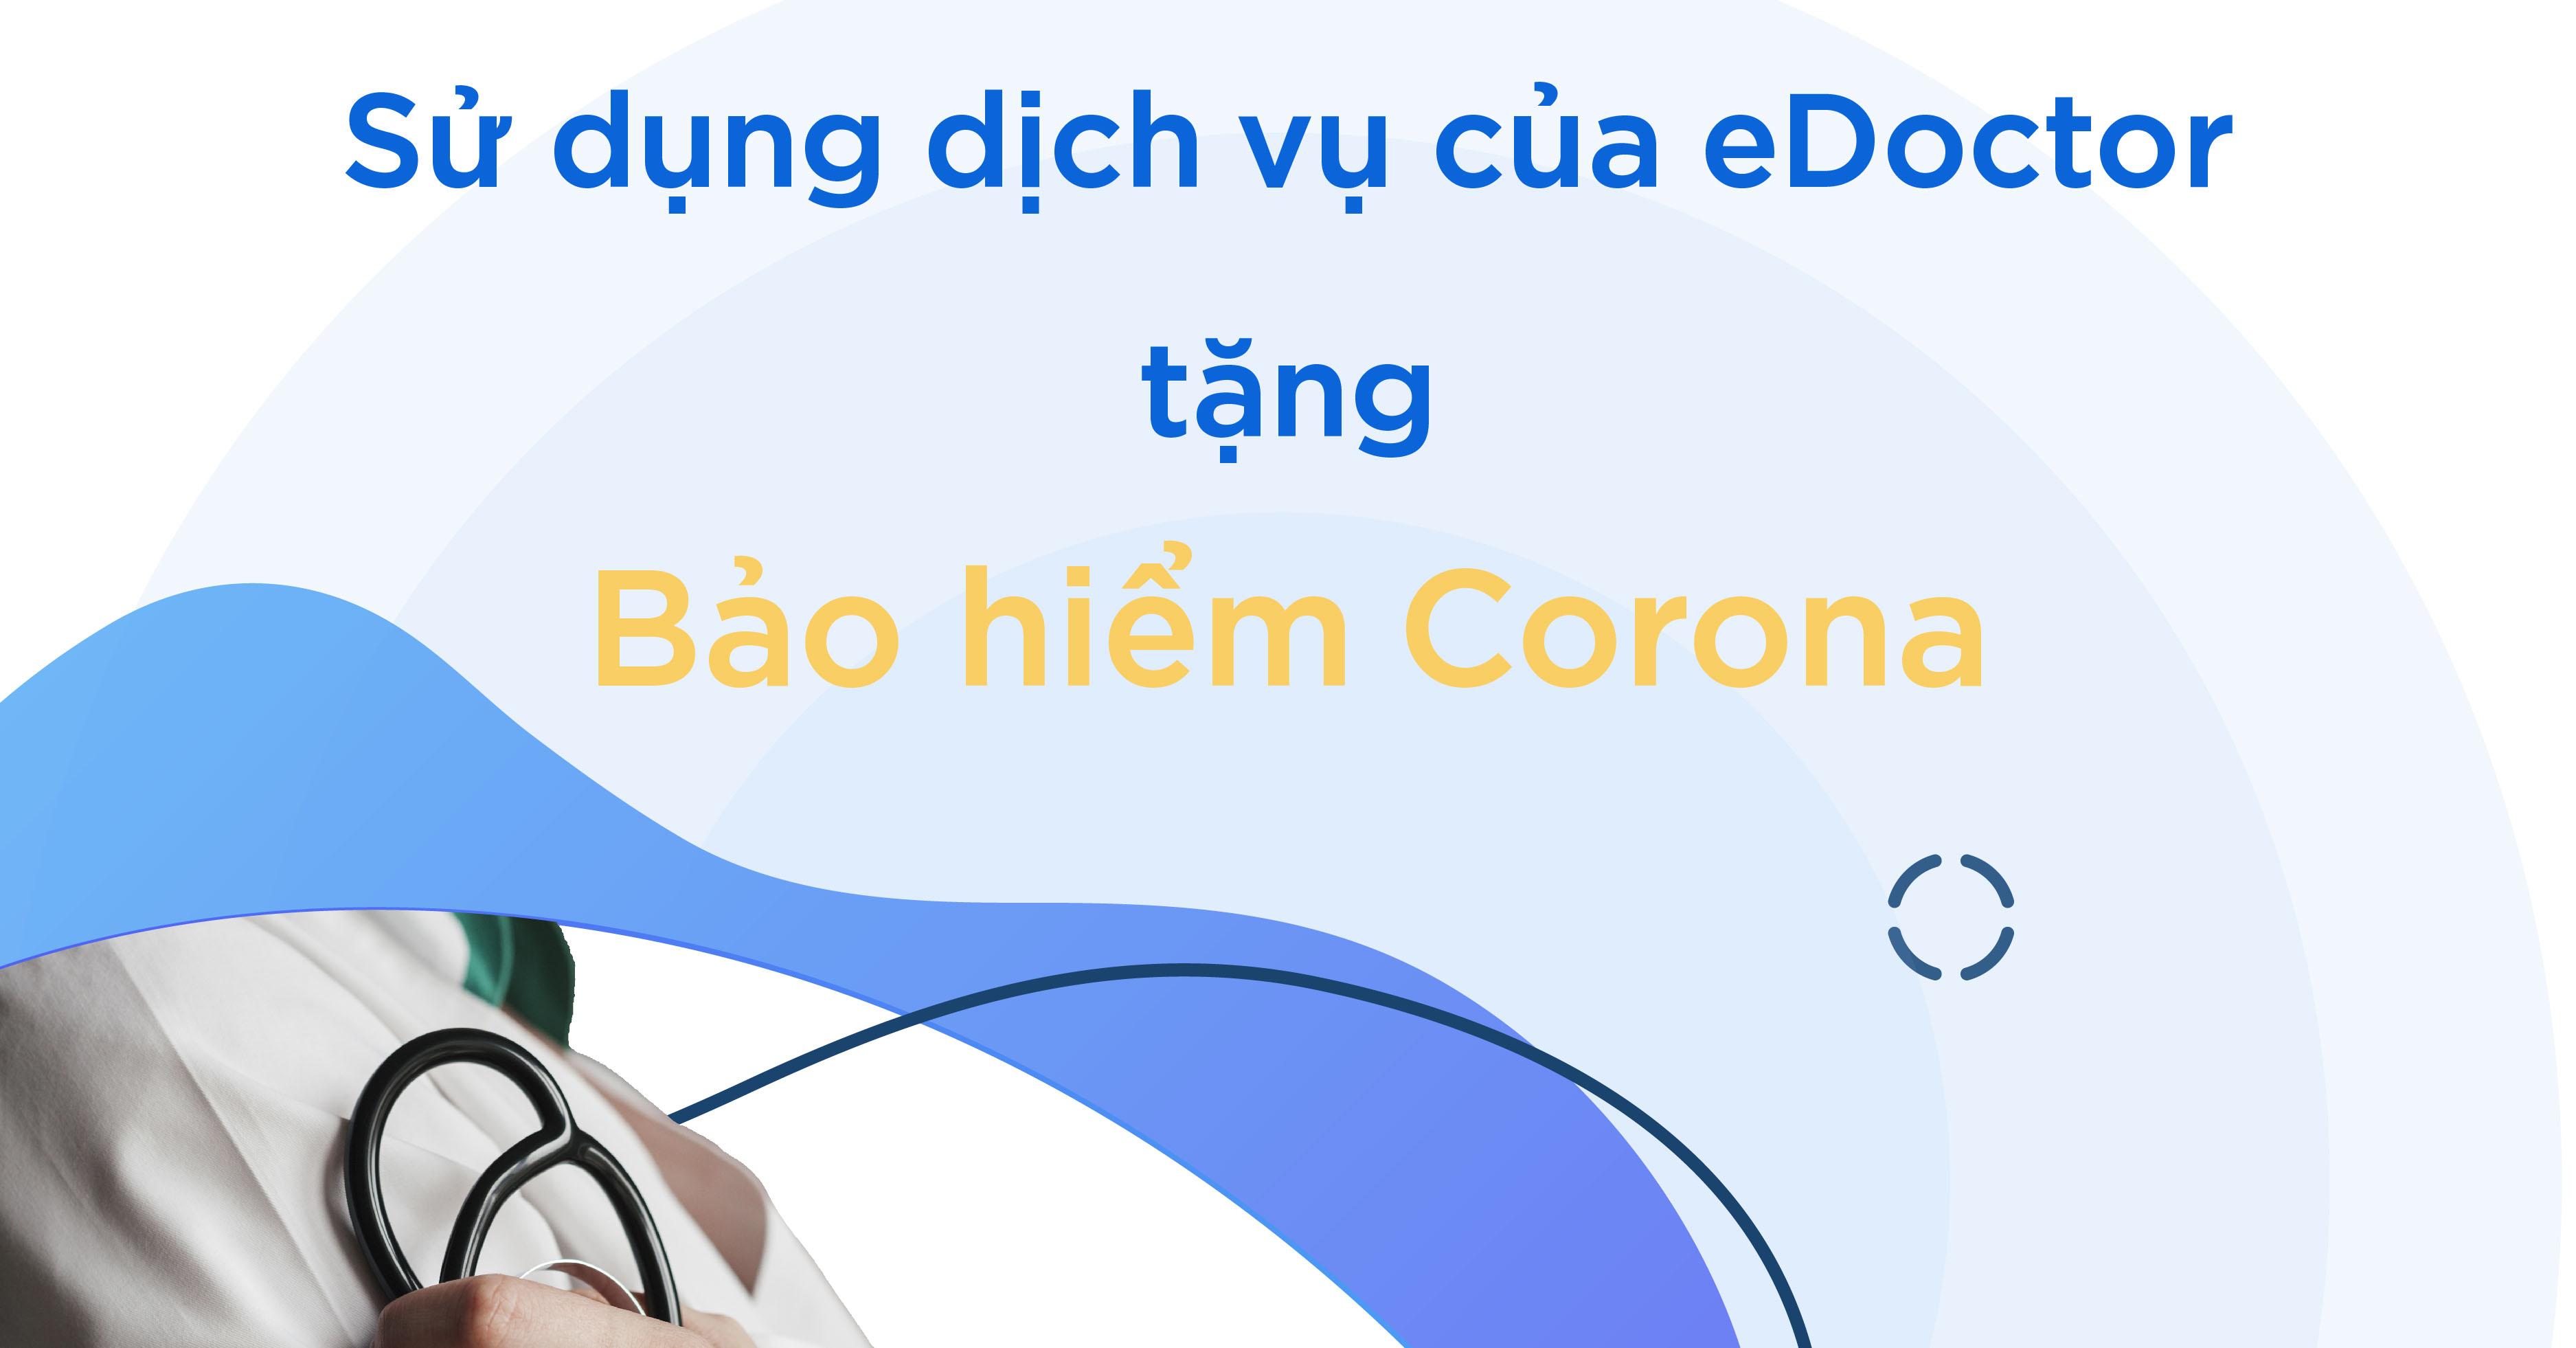 eDoctor - Sử dụng dịch vụ của eDoctor: Tặng bảo hiểm Corona quyền lợi lên đến 100 triệu